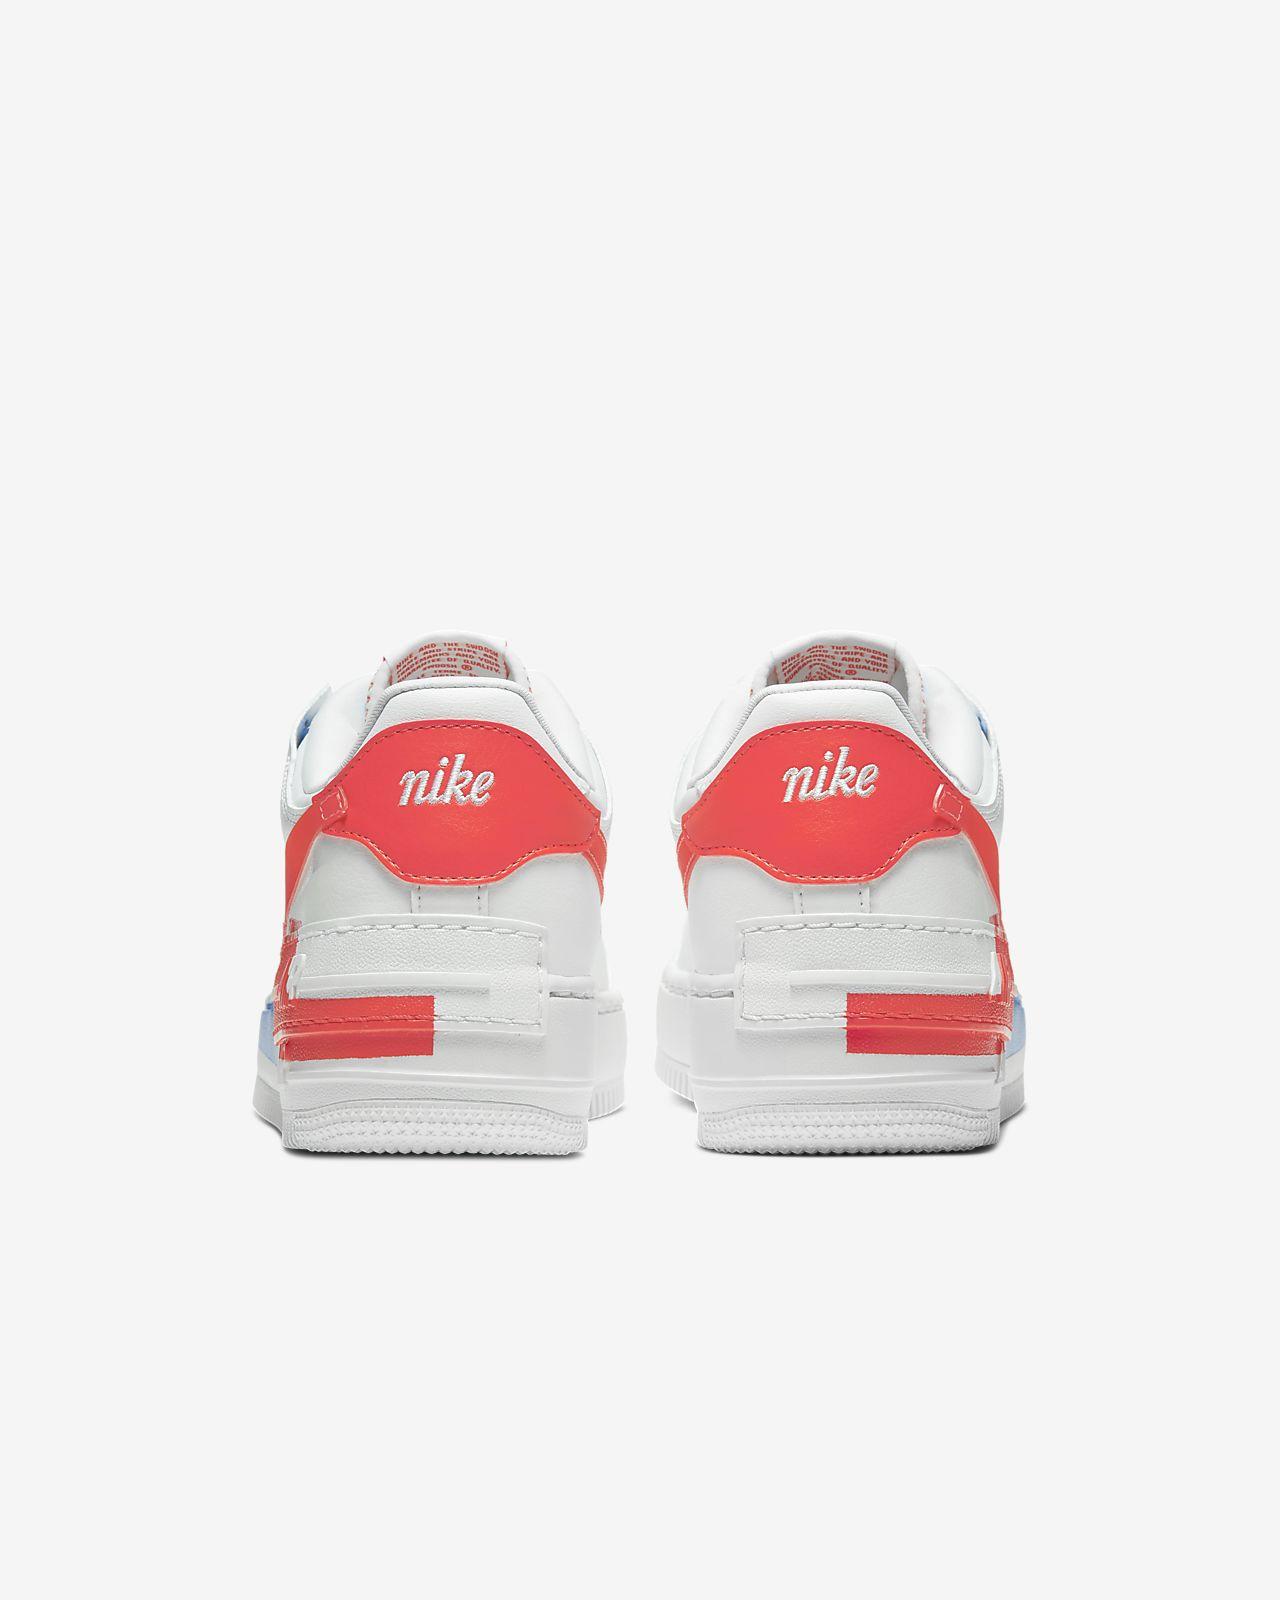 Nike Air Force 1 Shadow SE Damenschuh